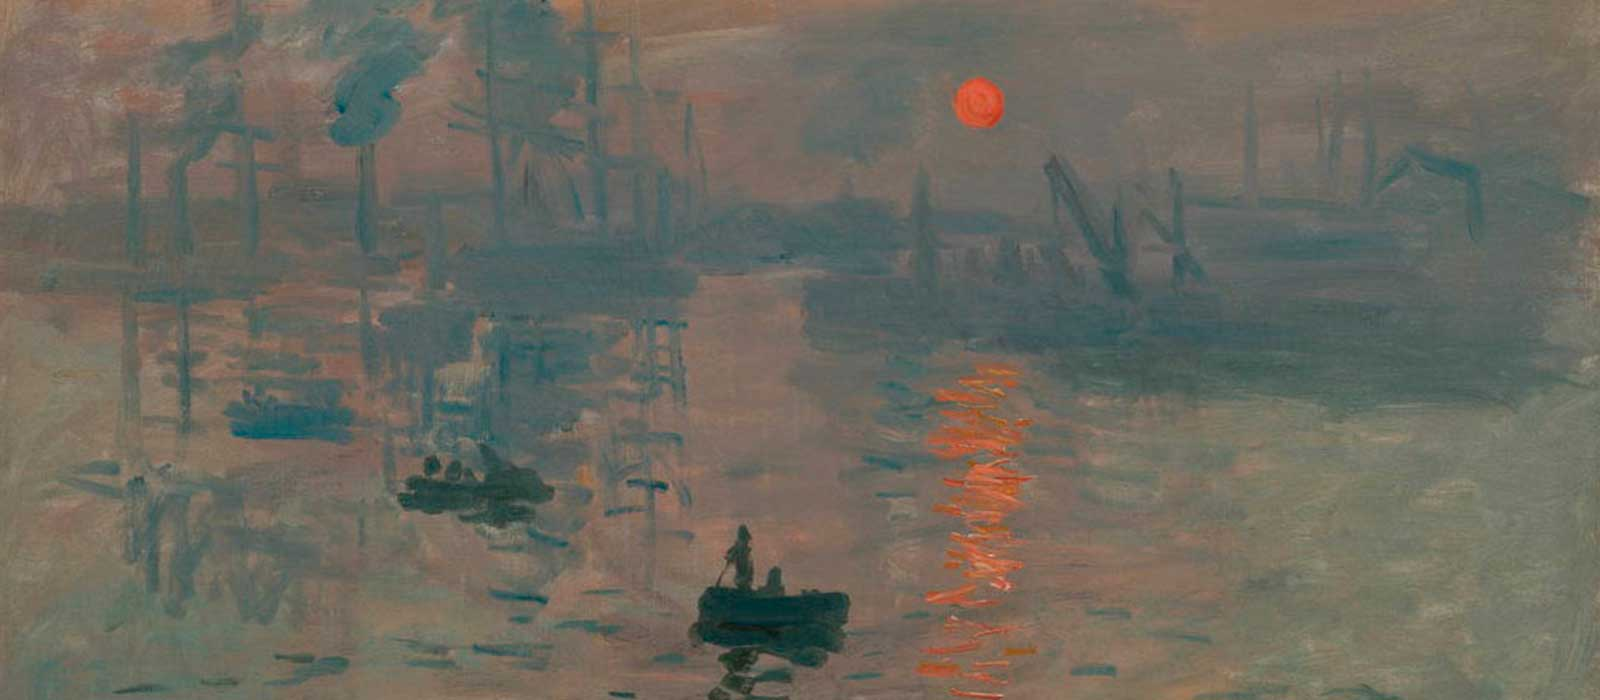 Representación del sol en el arte: Olafur Eliasson /  Claude Monet